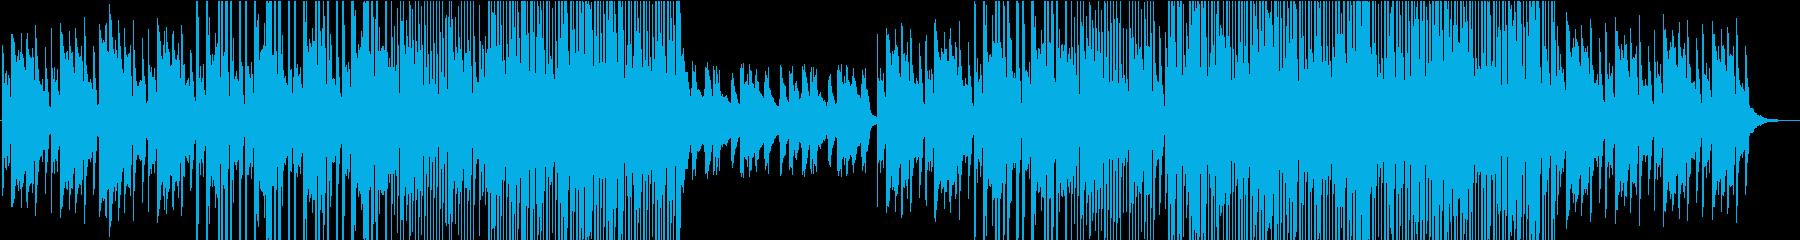 アコースティックな洋楽系ポップスの再生済みの波形